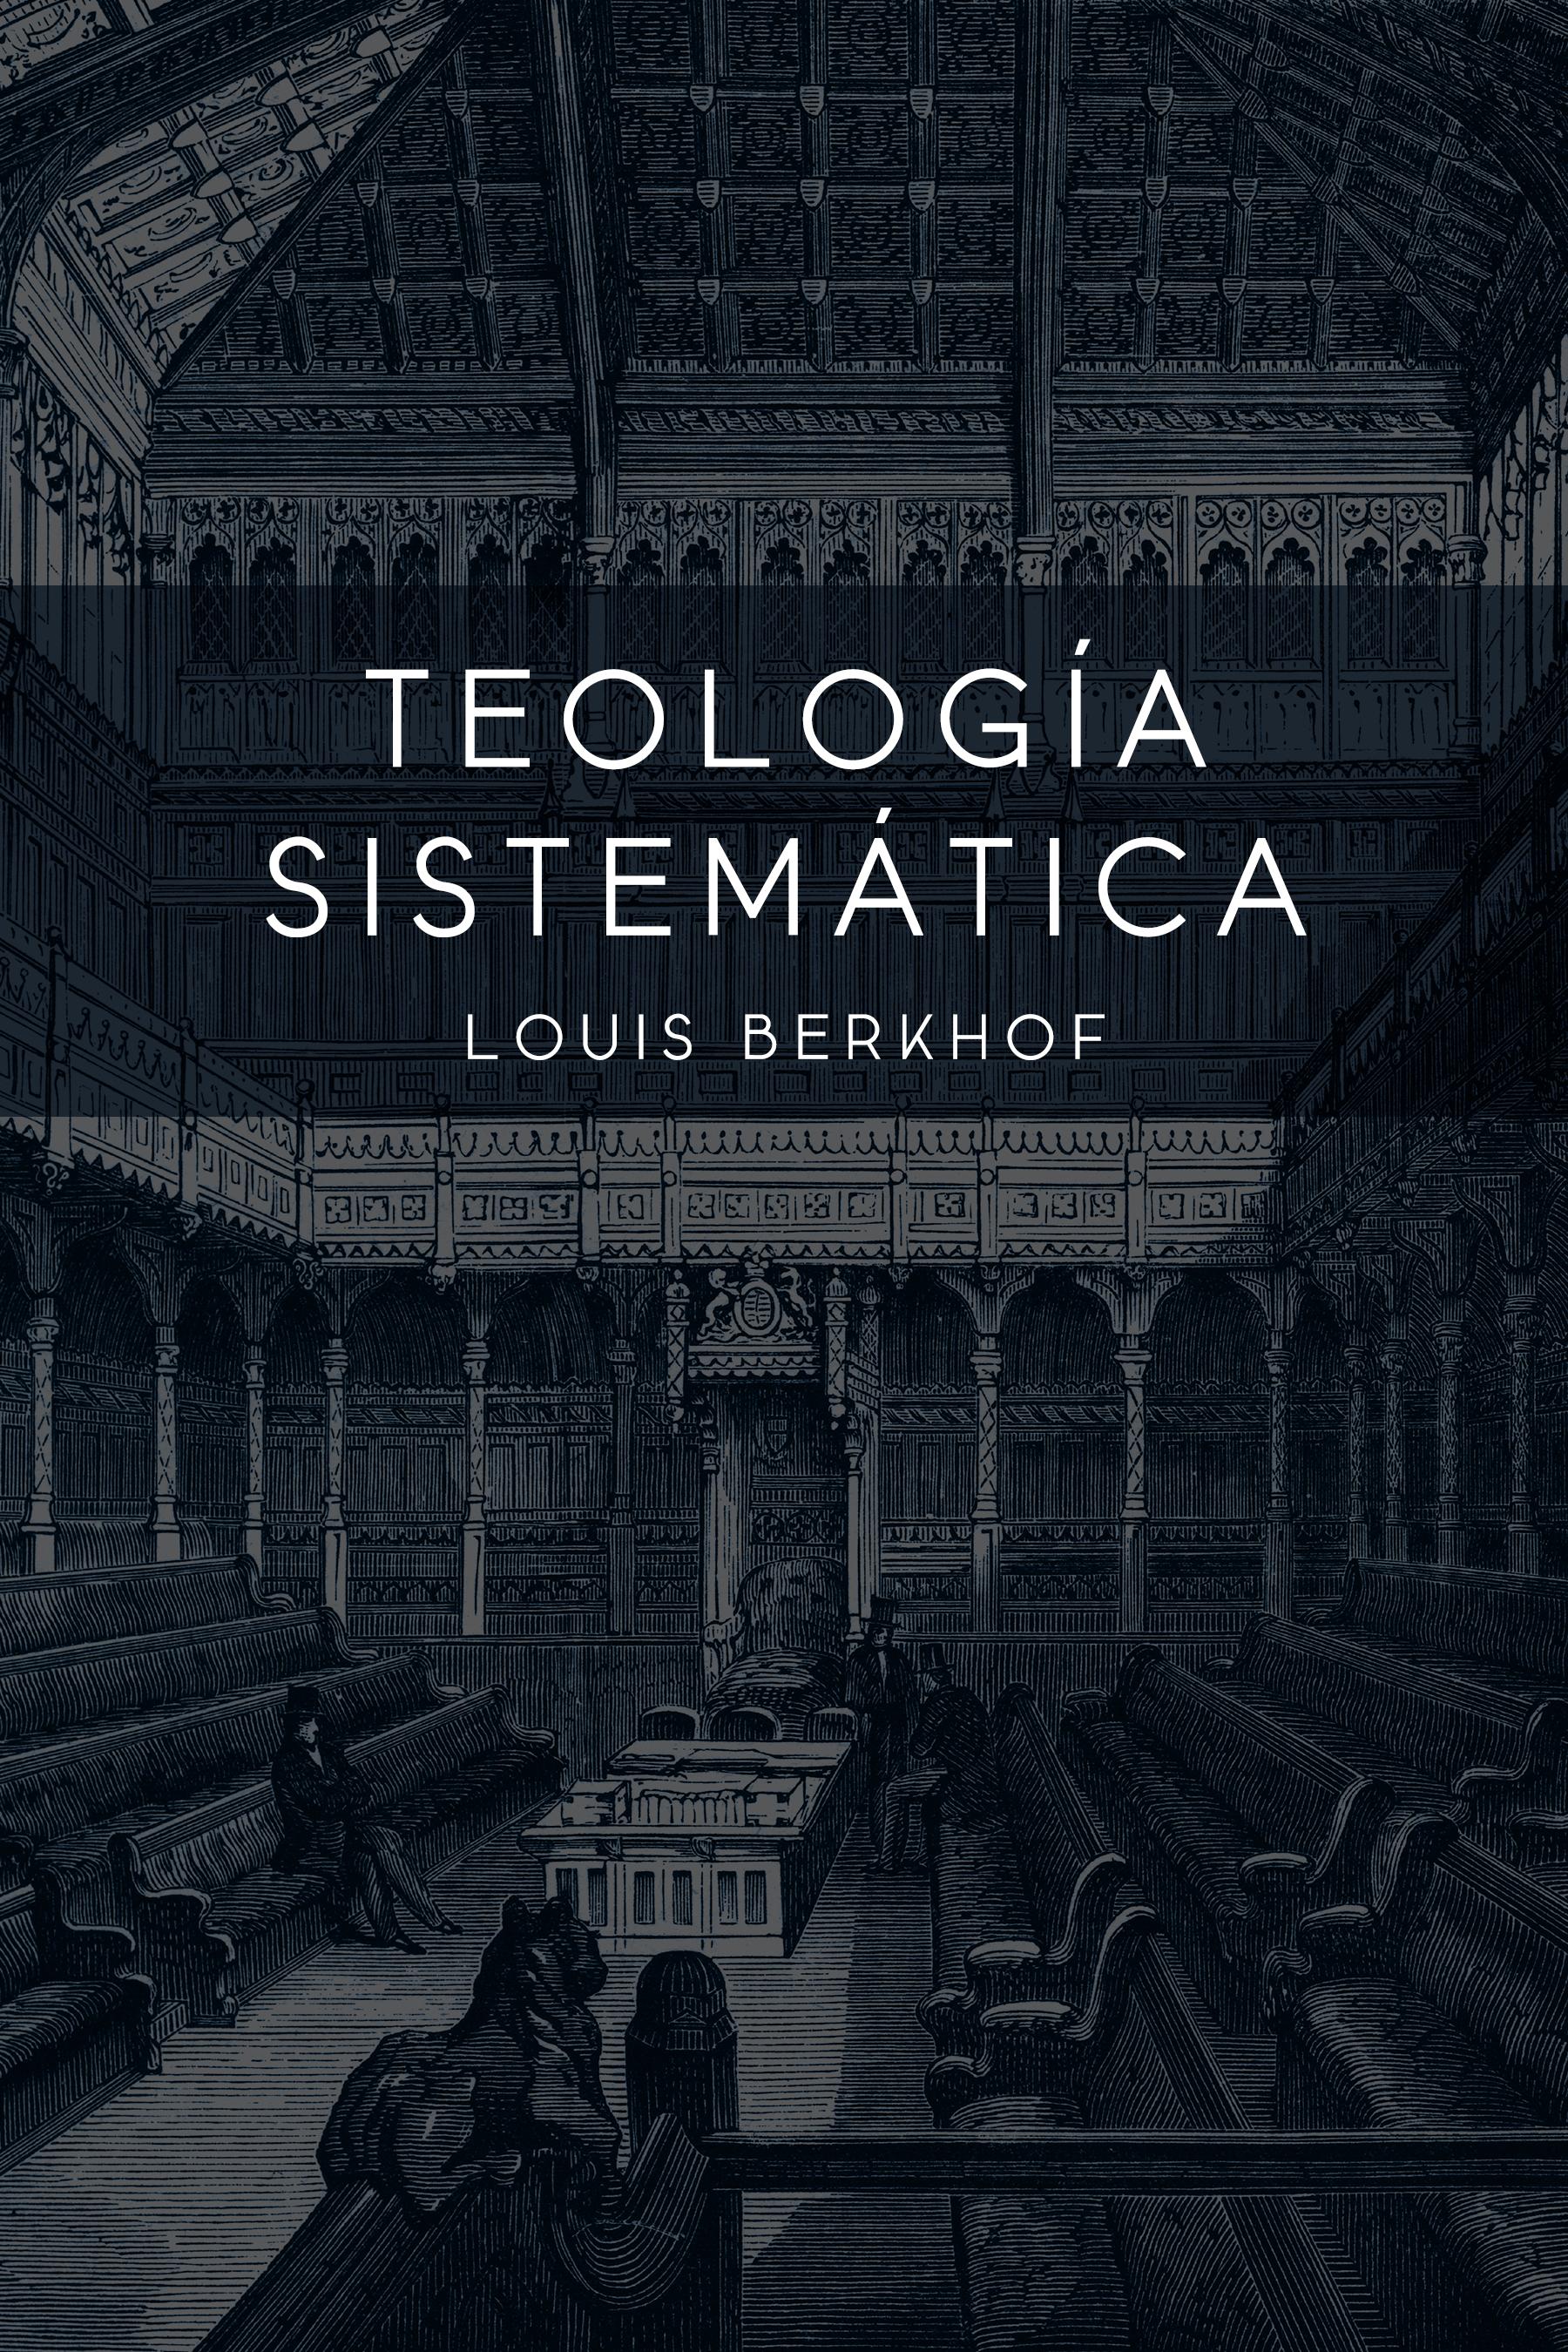 Teología sistemática de Berkhof